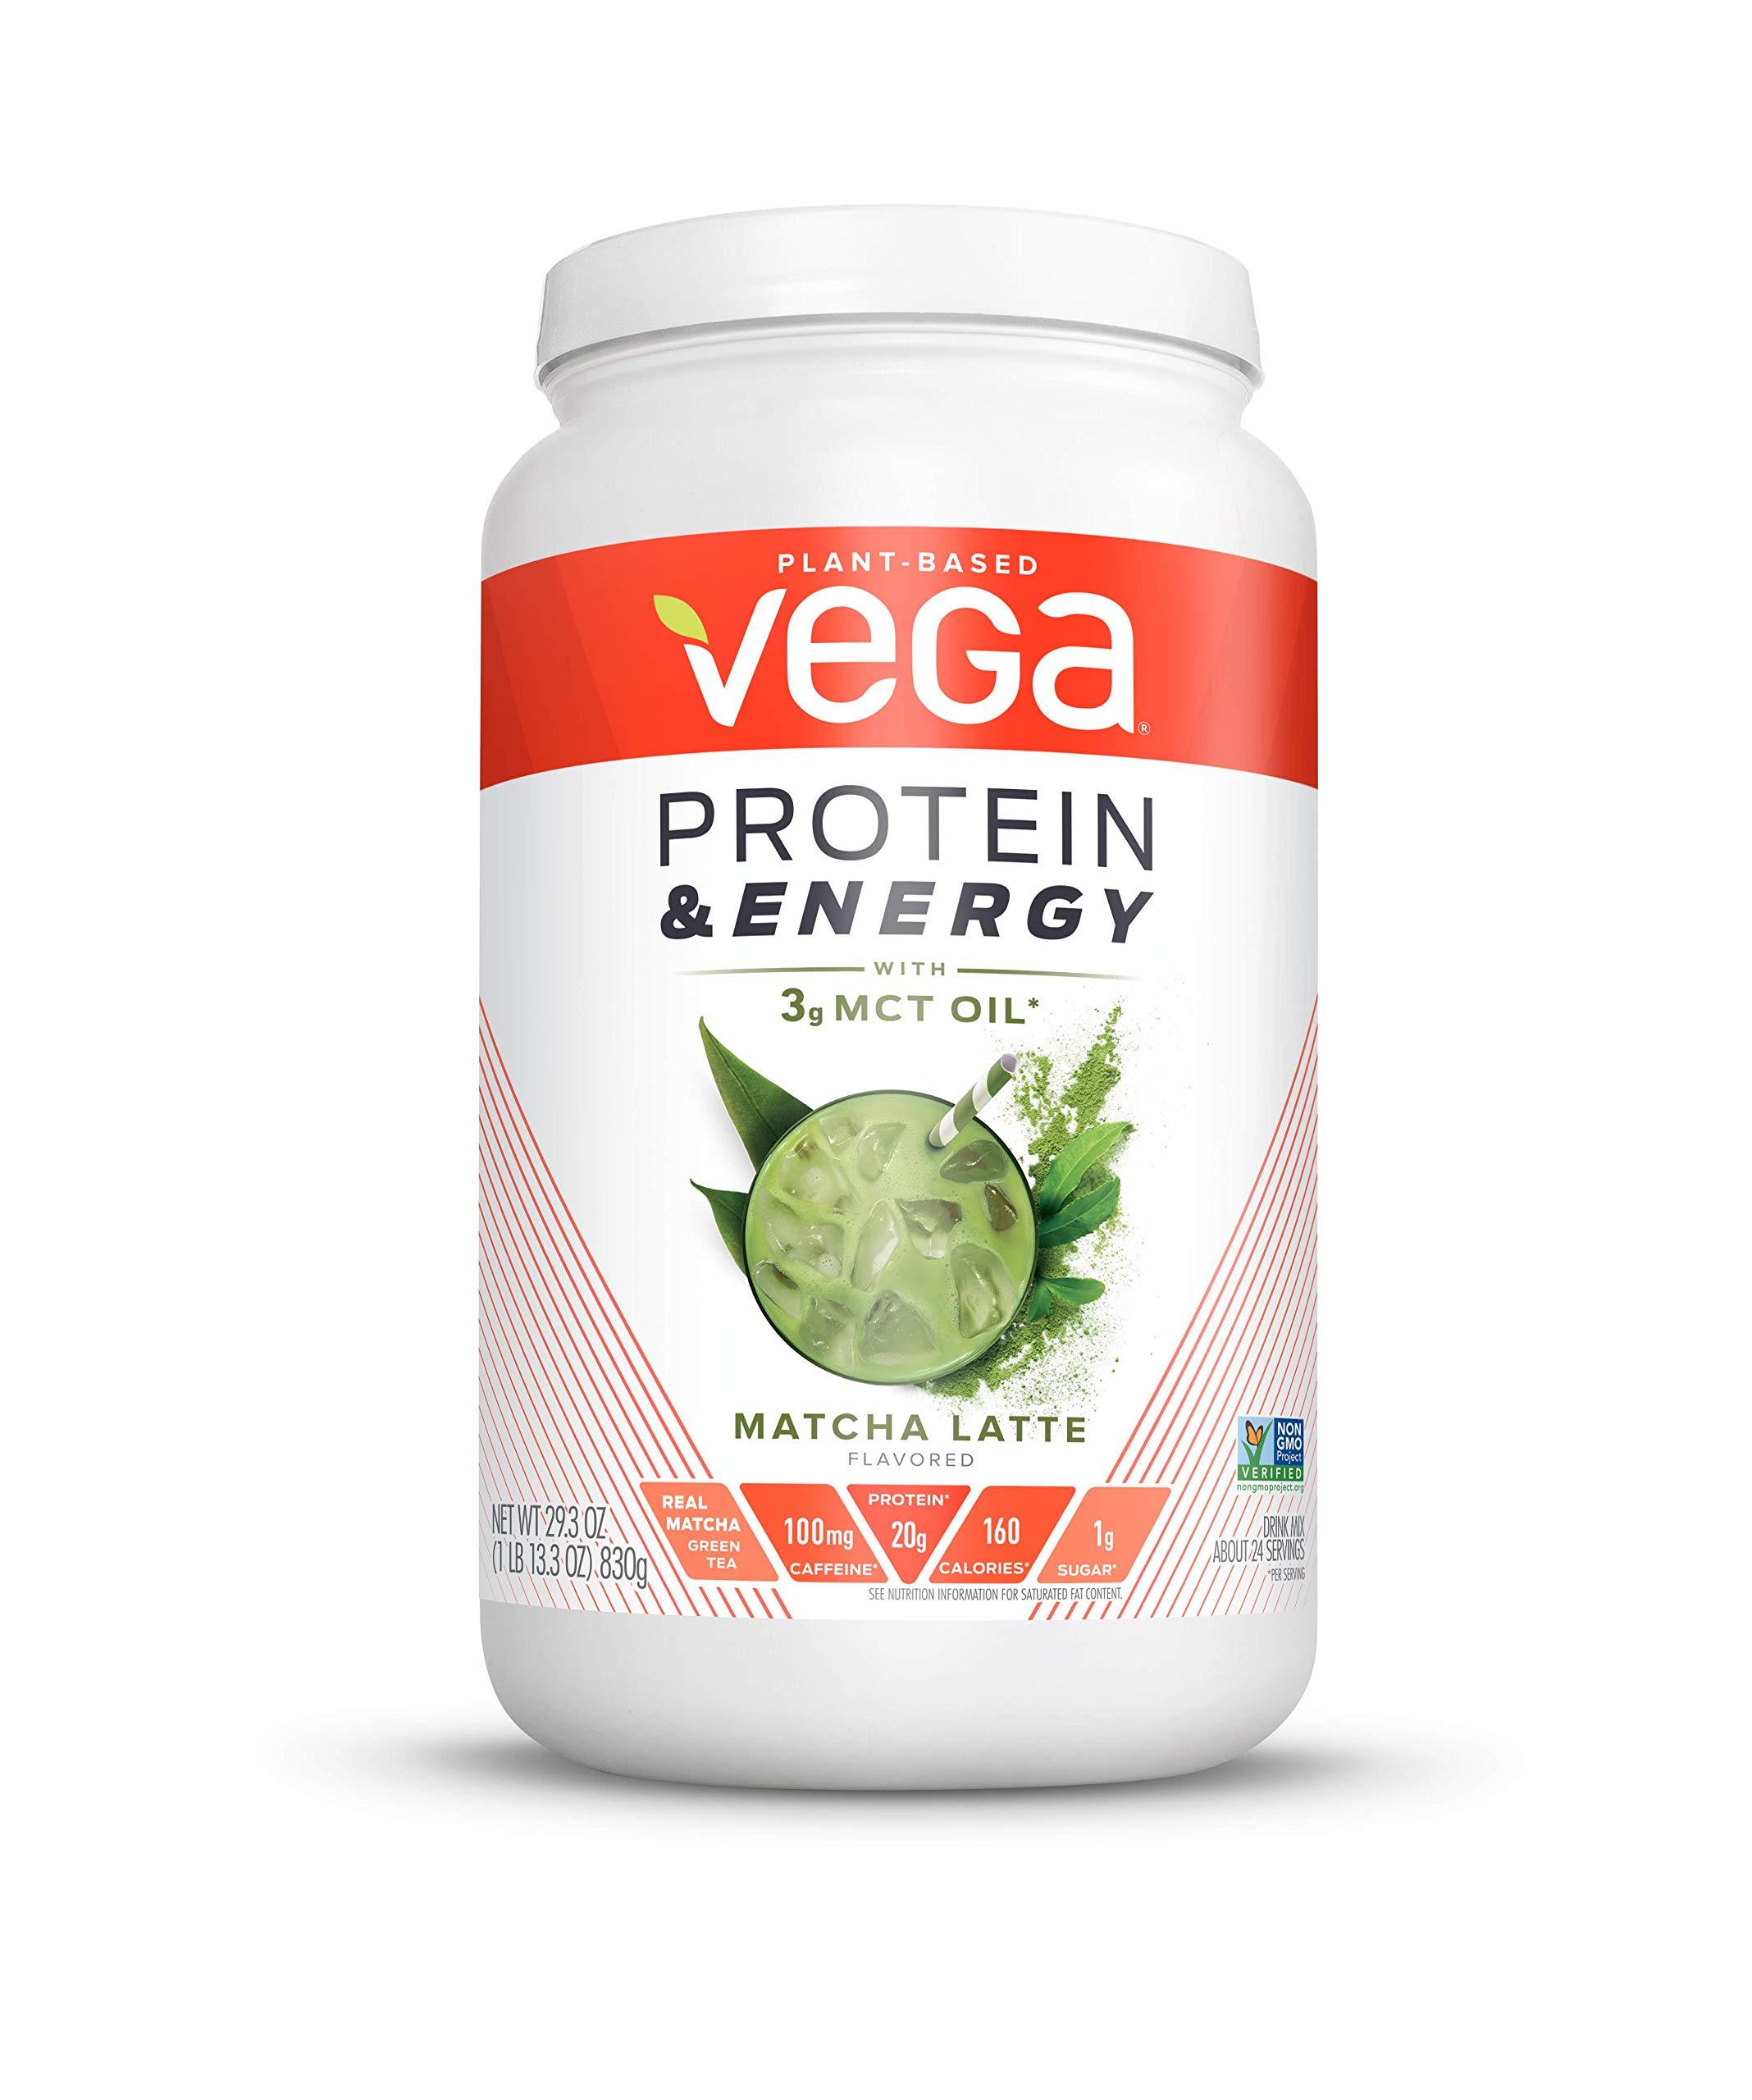 Vega Protein & Energy Matcha Latte (24 servings, 29.3 oz) - Plant Based Vegan Non Dairy Protein Powder, Gluten Free, Keto, MCT oil, Non GMO by VEGA